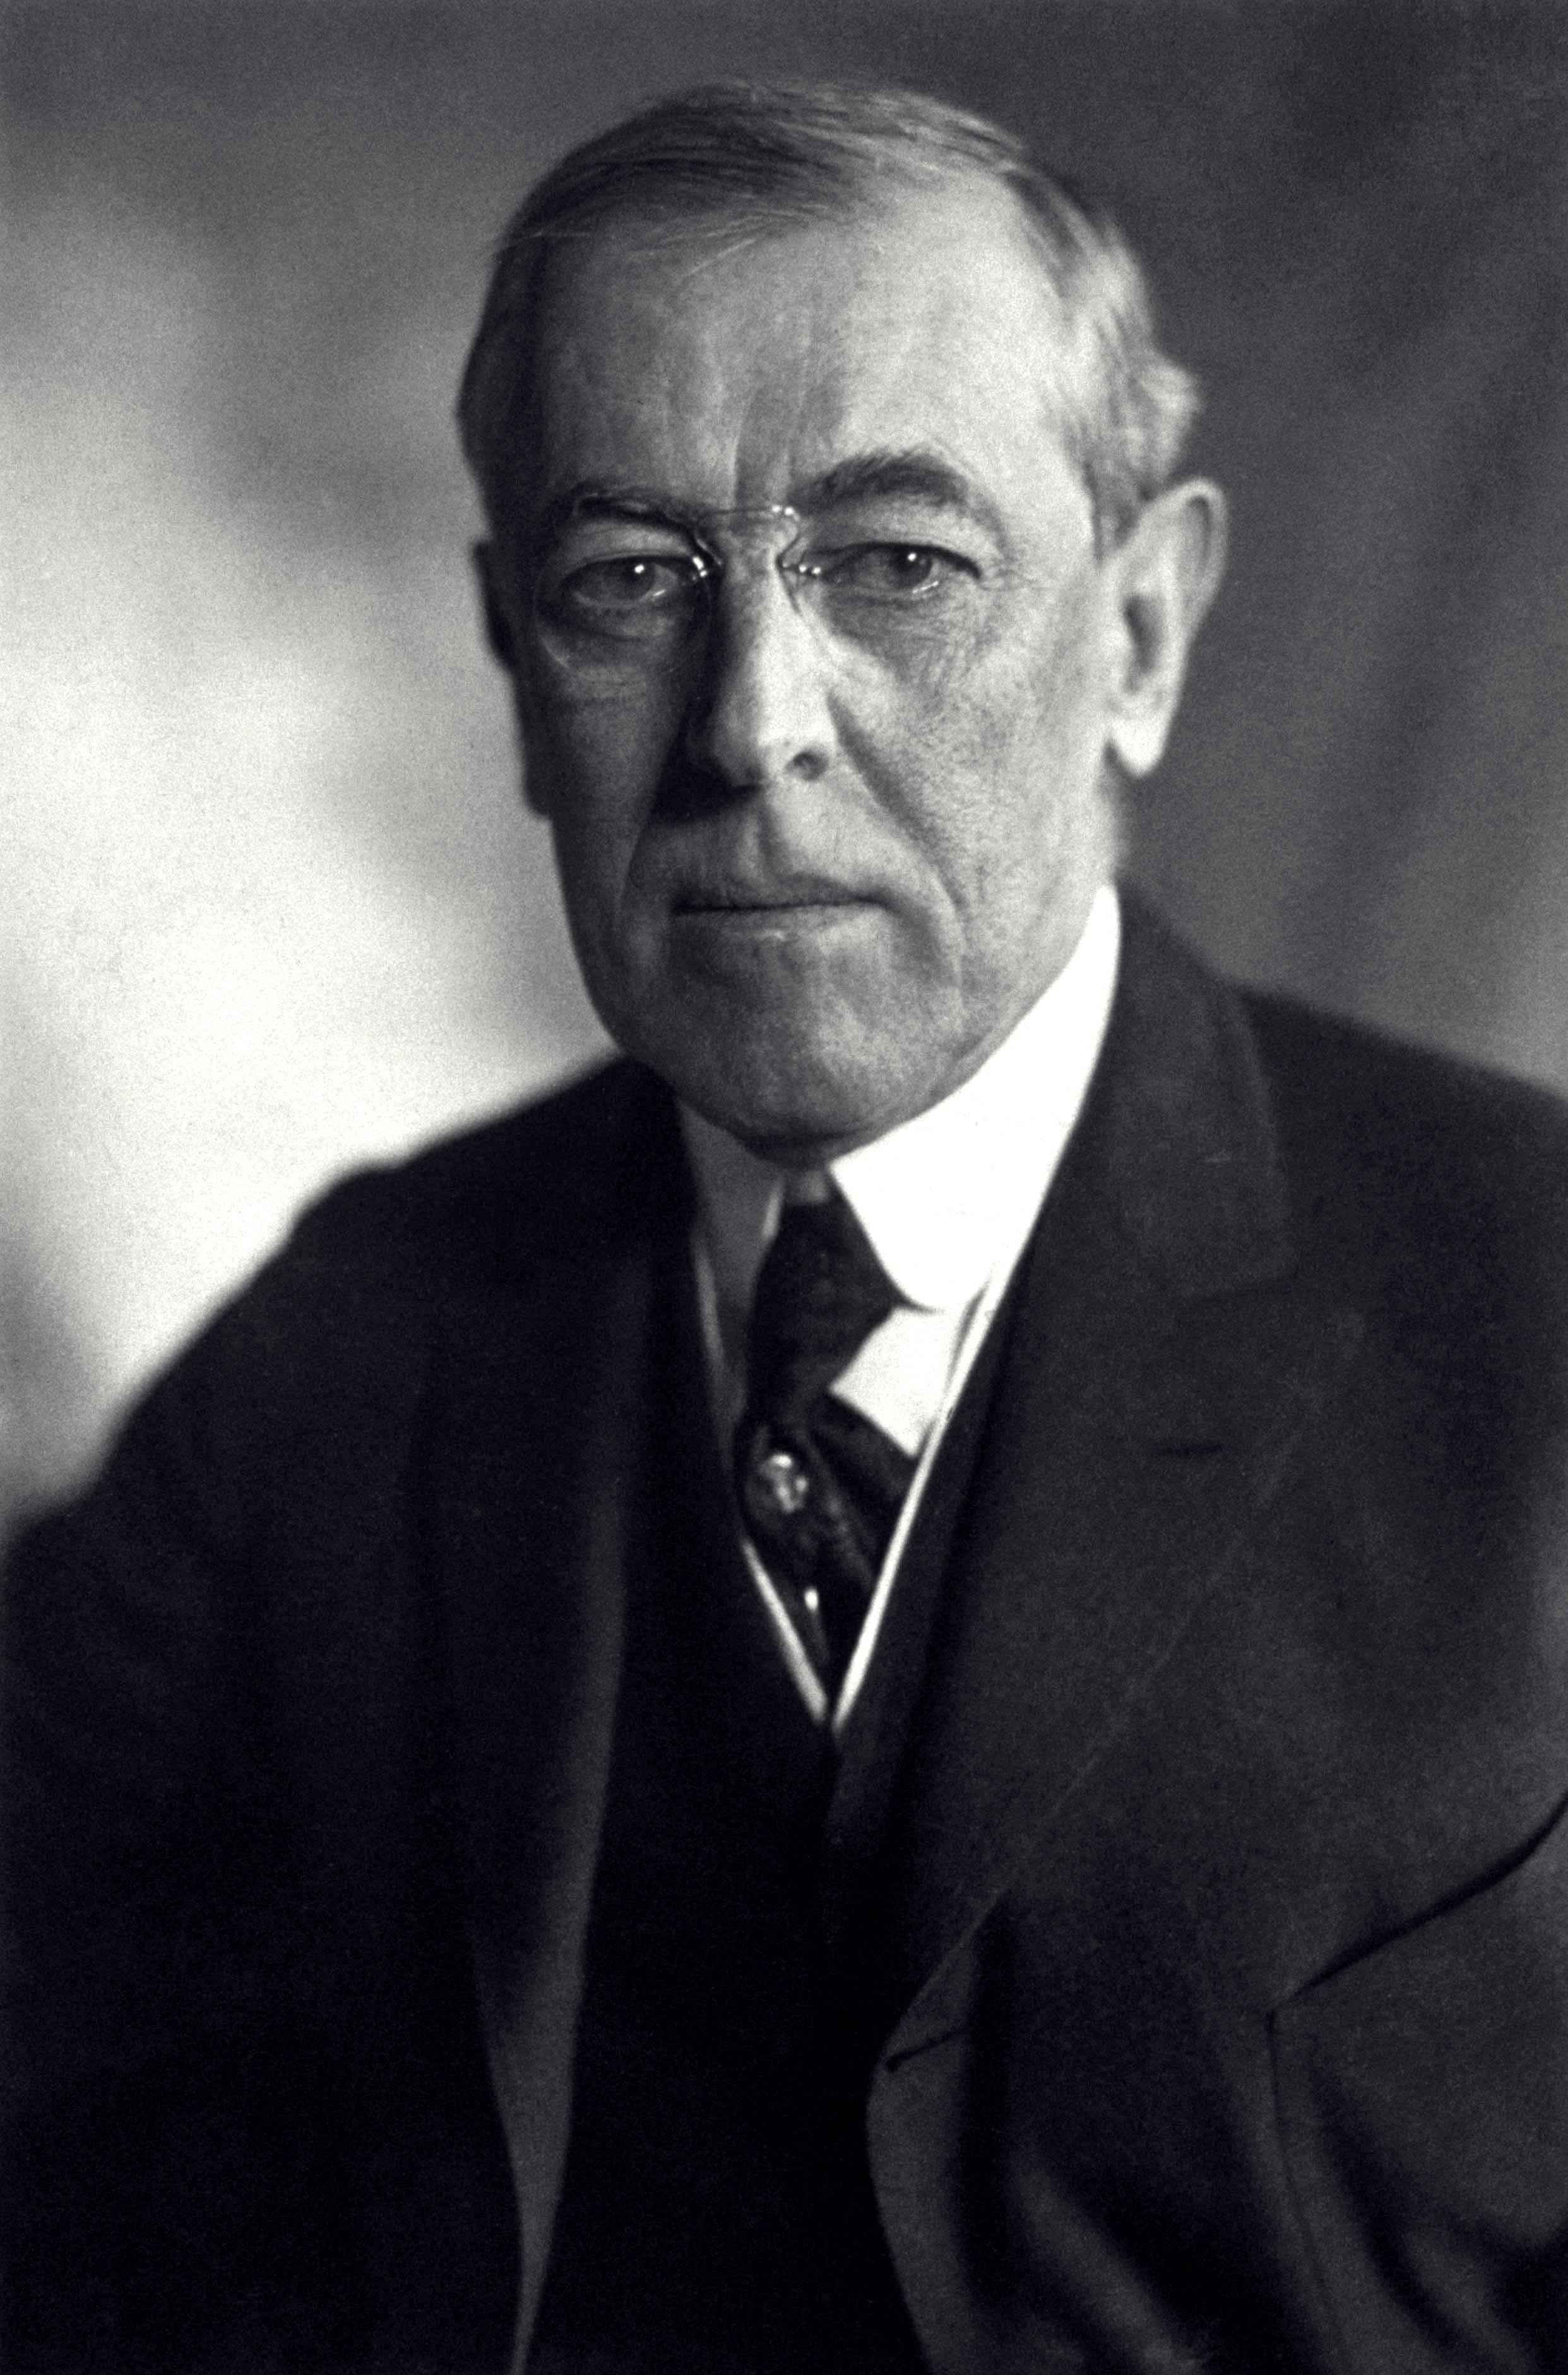 1912, année d'élections aux USA Thomas_Woodrow_Wilson%2C_Harris_%26_Ewing_bw_photo_portrait%2C_1919